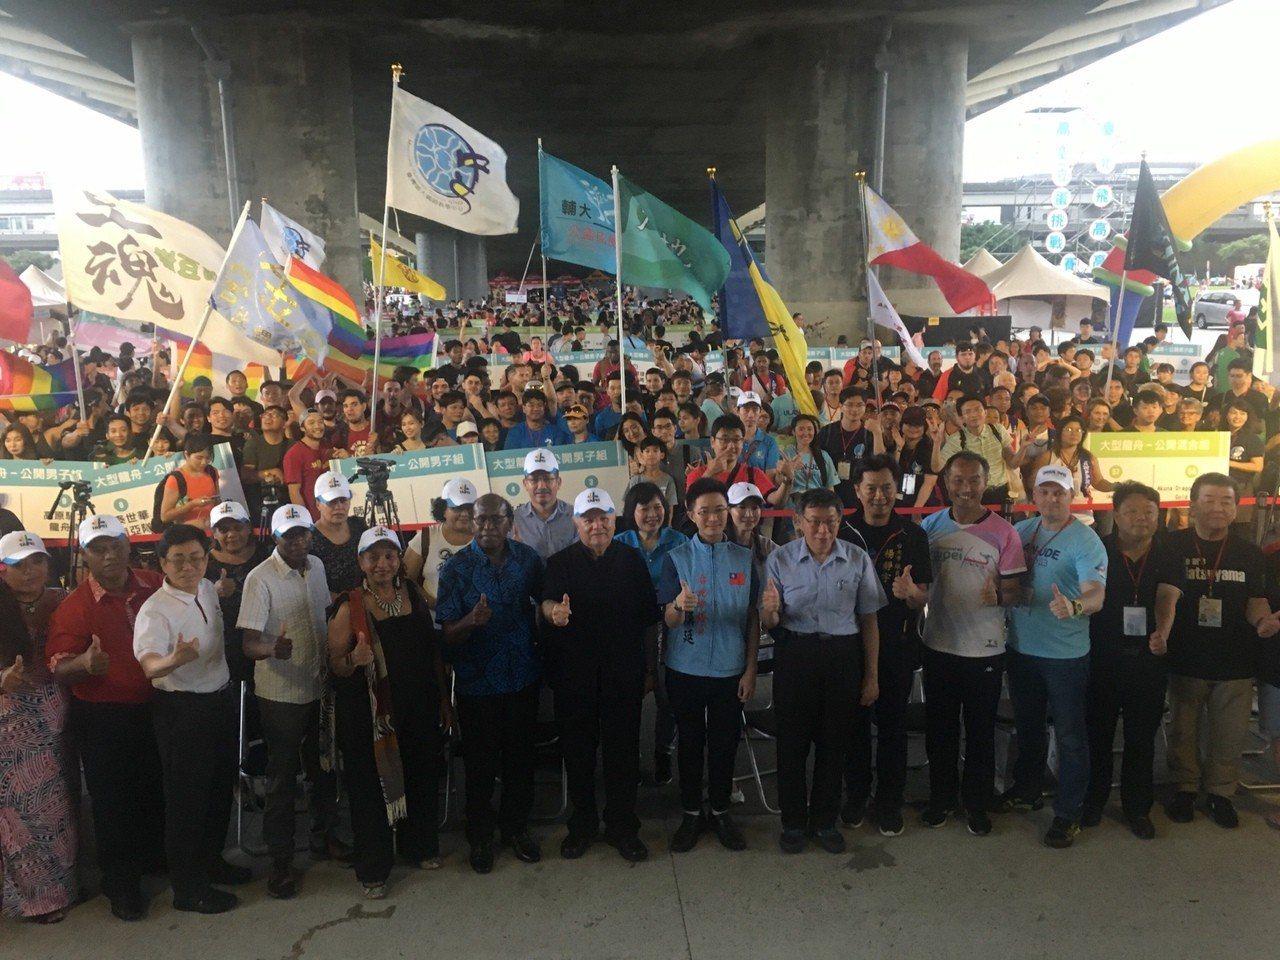 台北國際龍舟賽熱鬧展開 218隊6千好手較勁